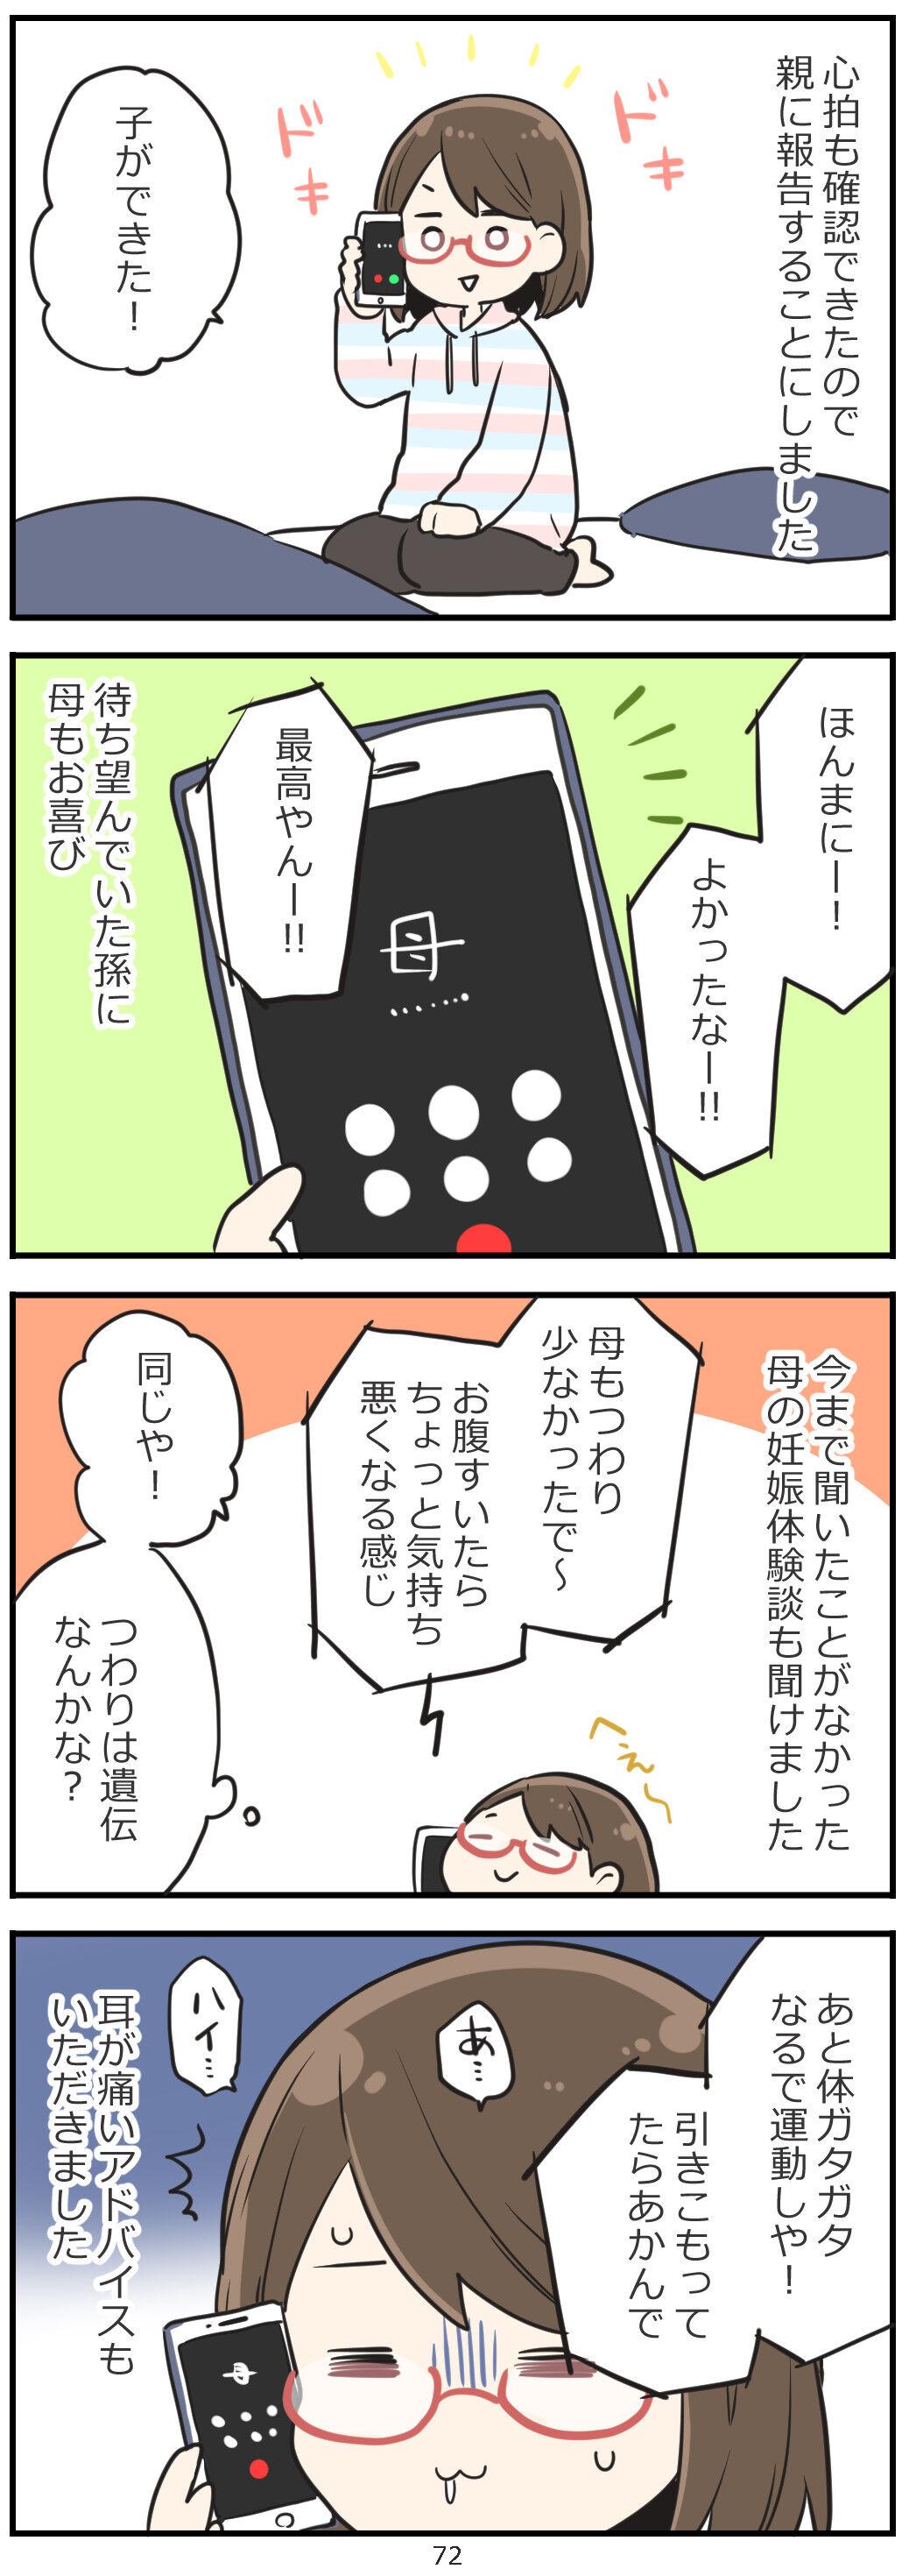 「妊活レベル1 まっふの冒険記」第72話